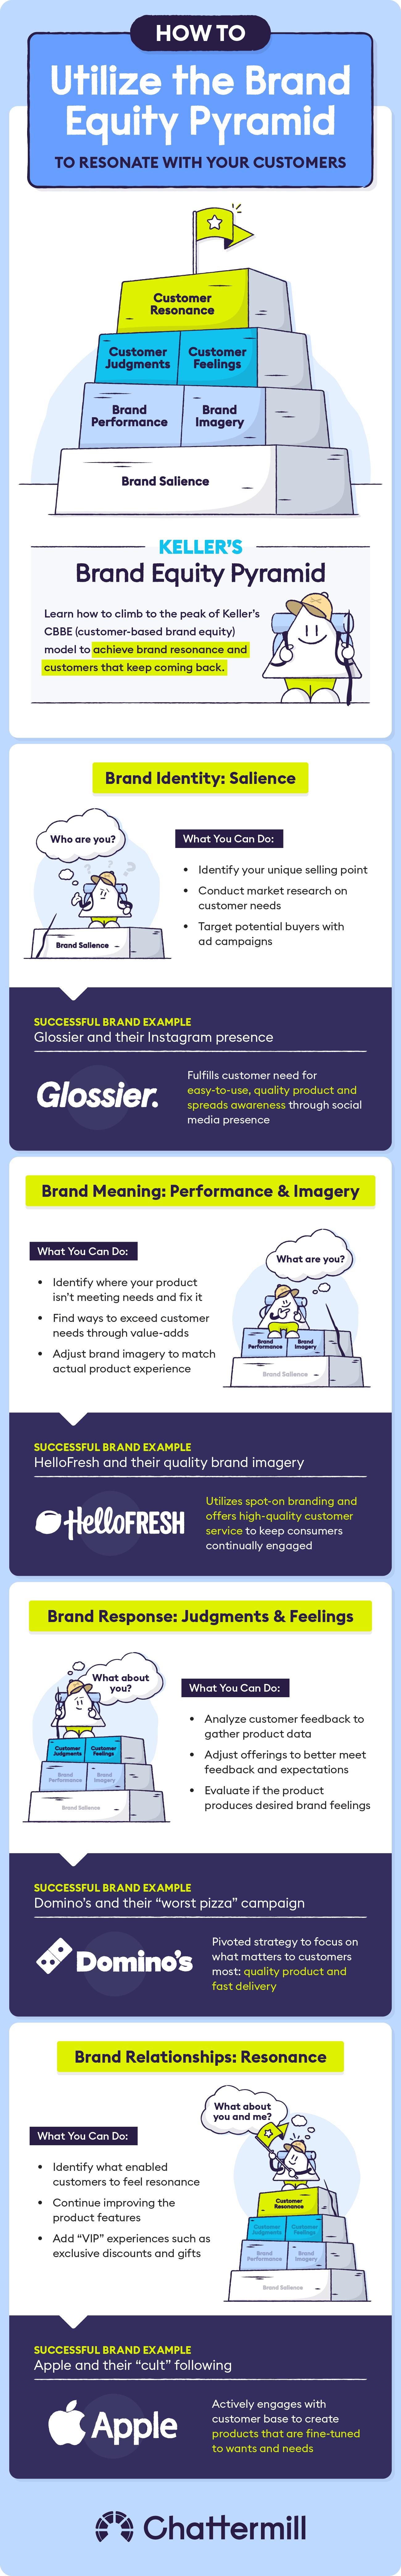 utilize-brand-equity-pyramid-ig